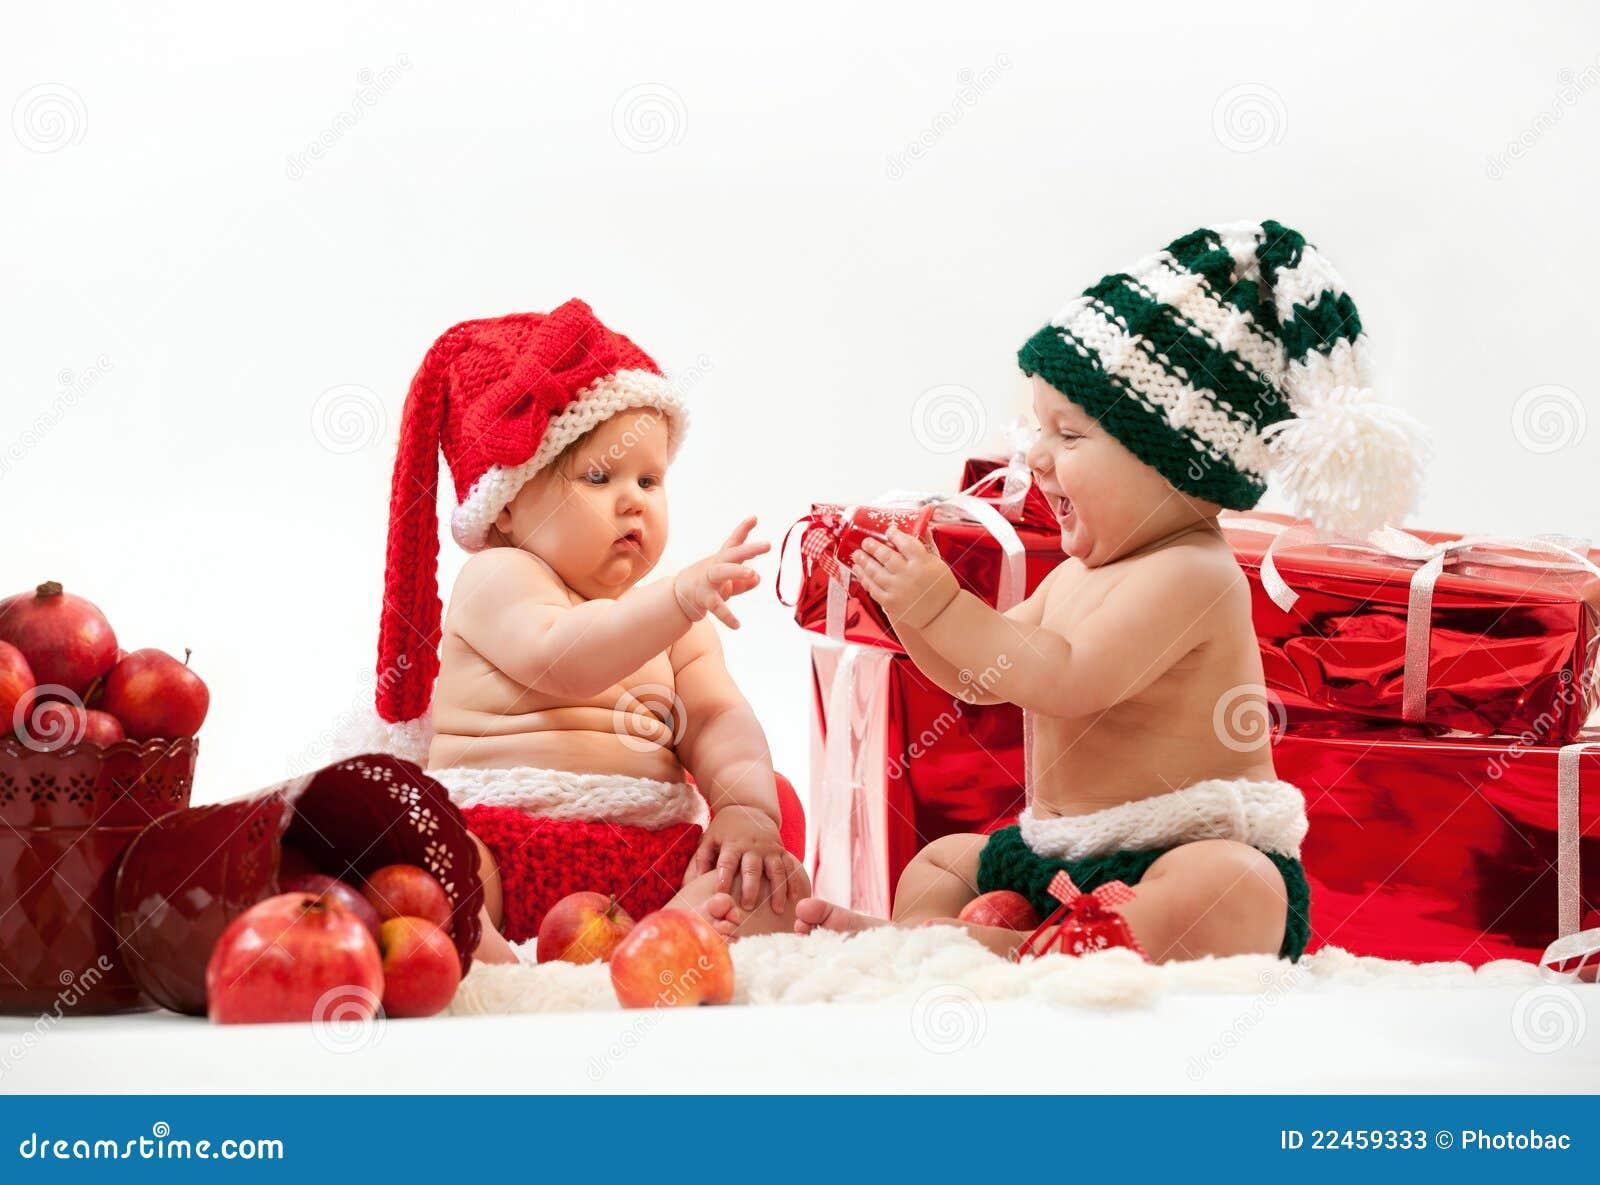 Dos beb s lindos en trajes de la navidad fotos de archivo - Trajes de navidad para bebes ...